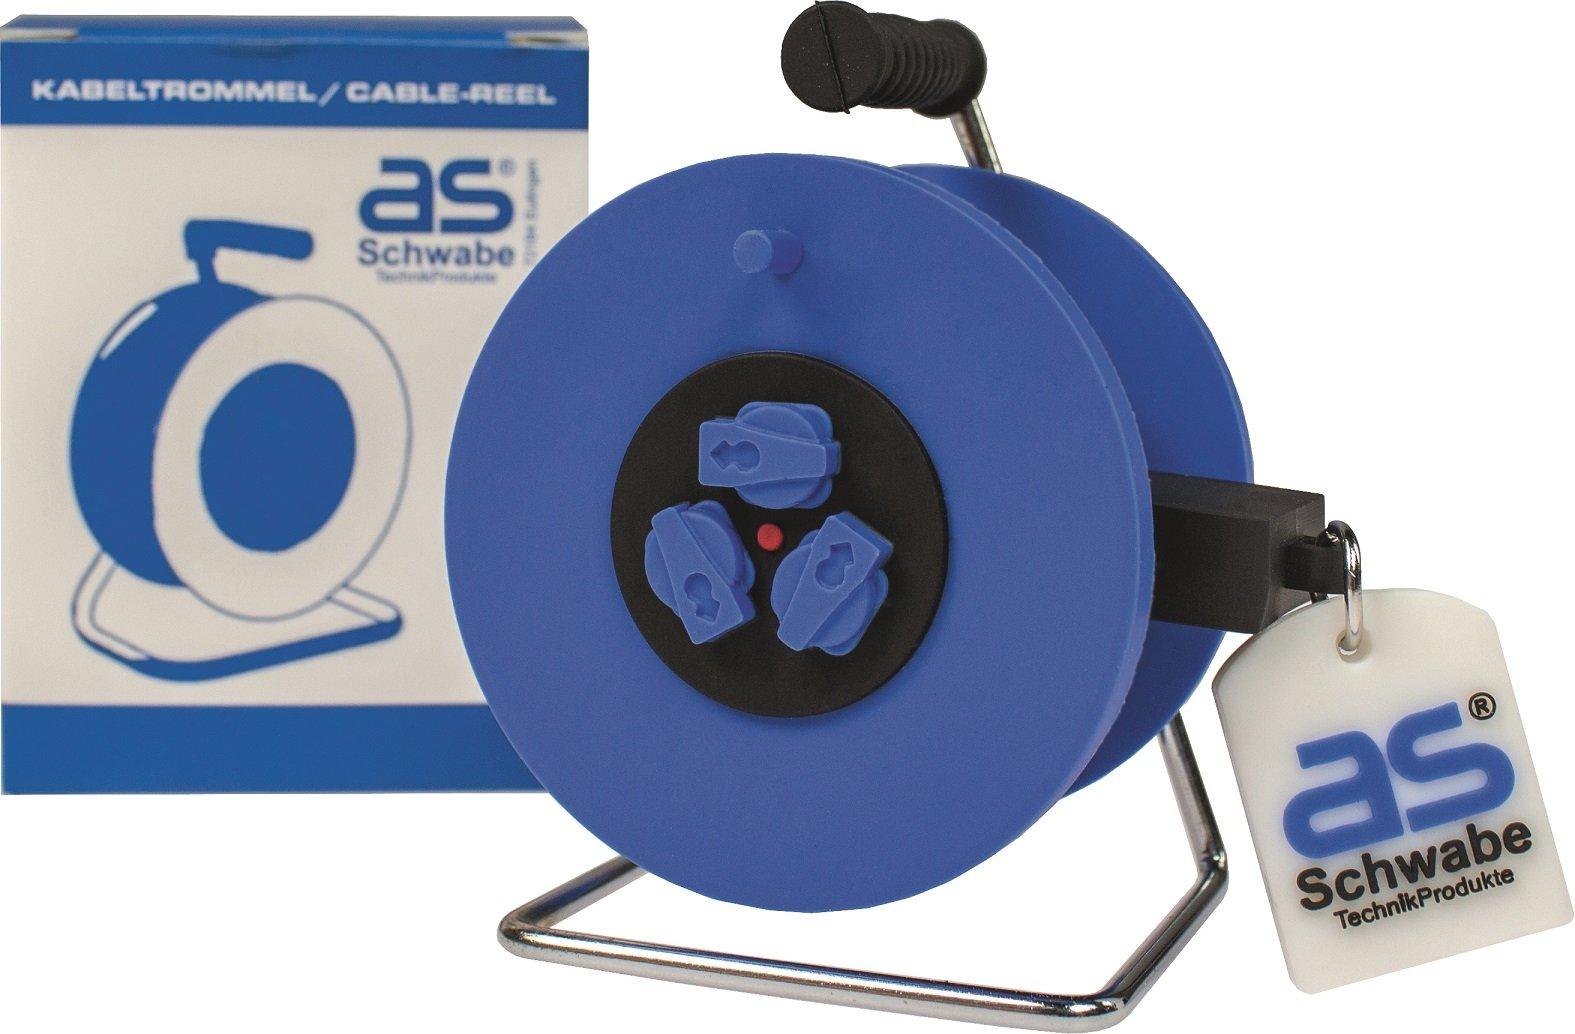 AS  -  Schwabe 99458ワイヤーロール2 GB USB 2.0フラッシュドライブ*スティック、電気技師へのプレゼント、ブルー